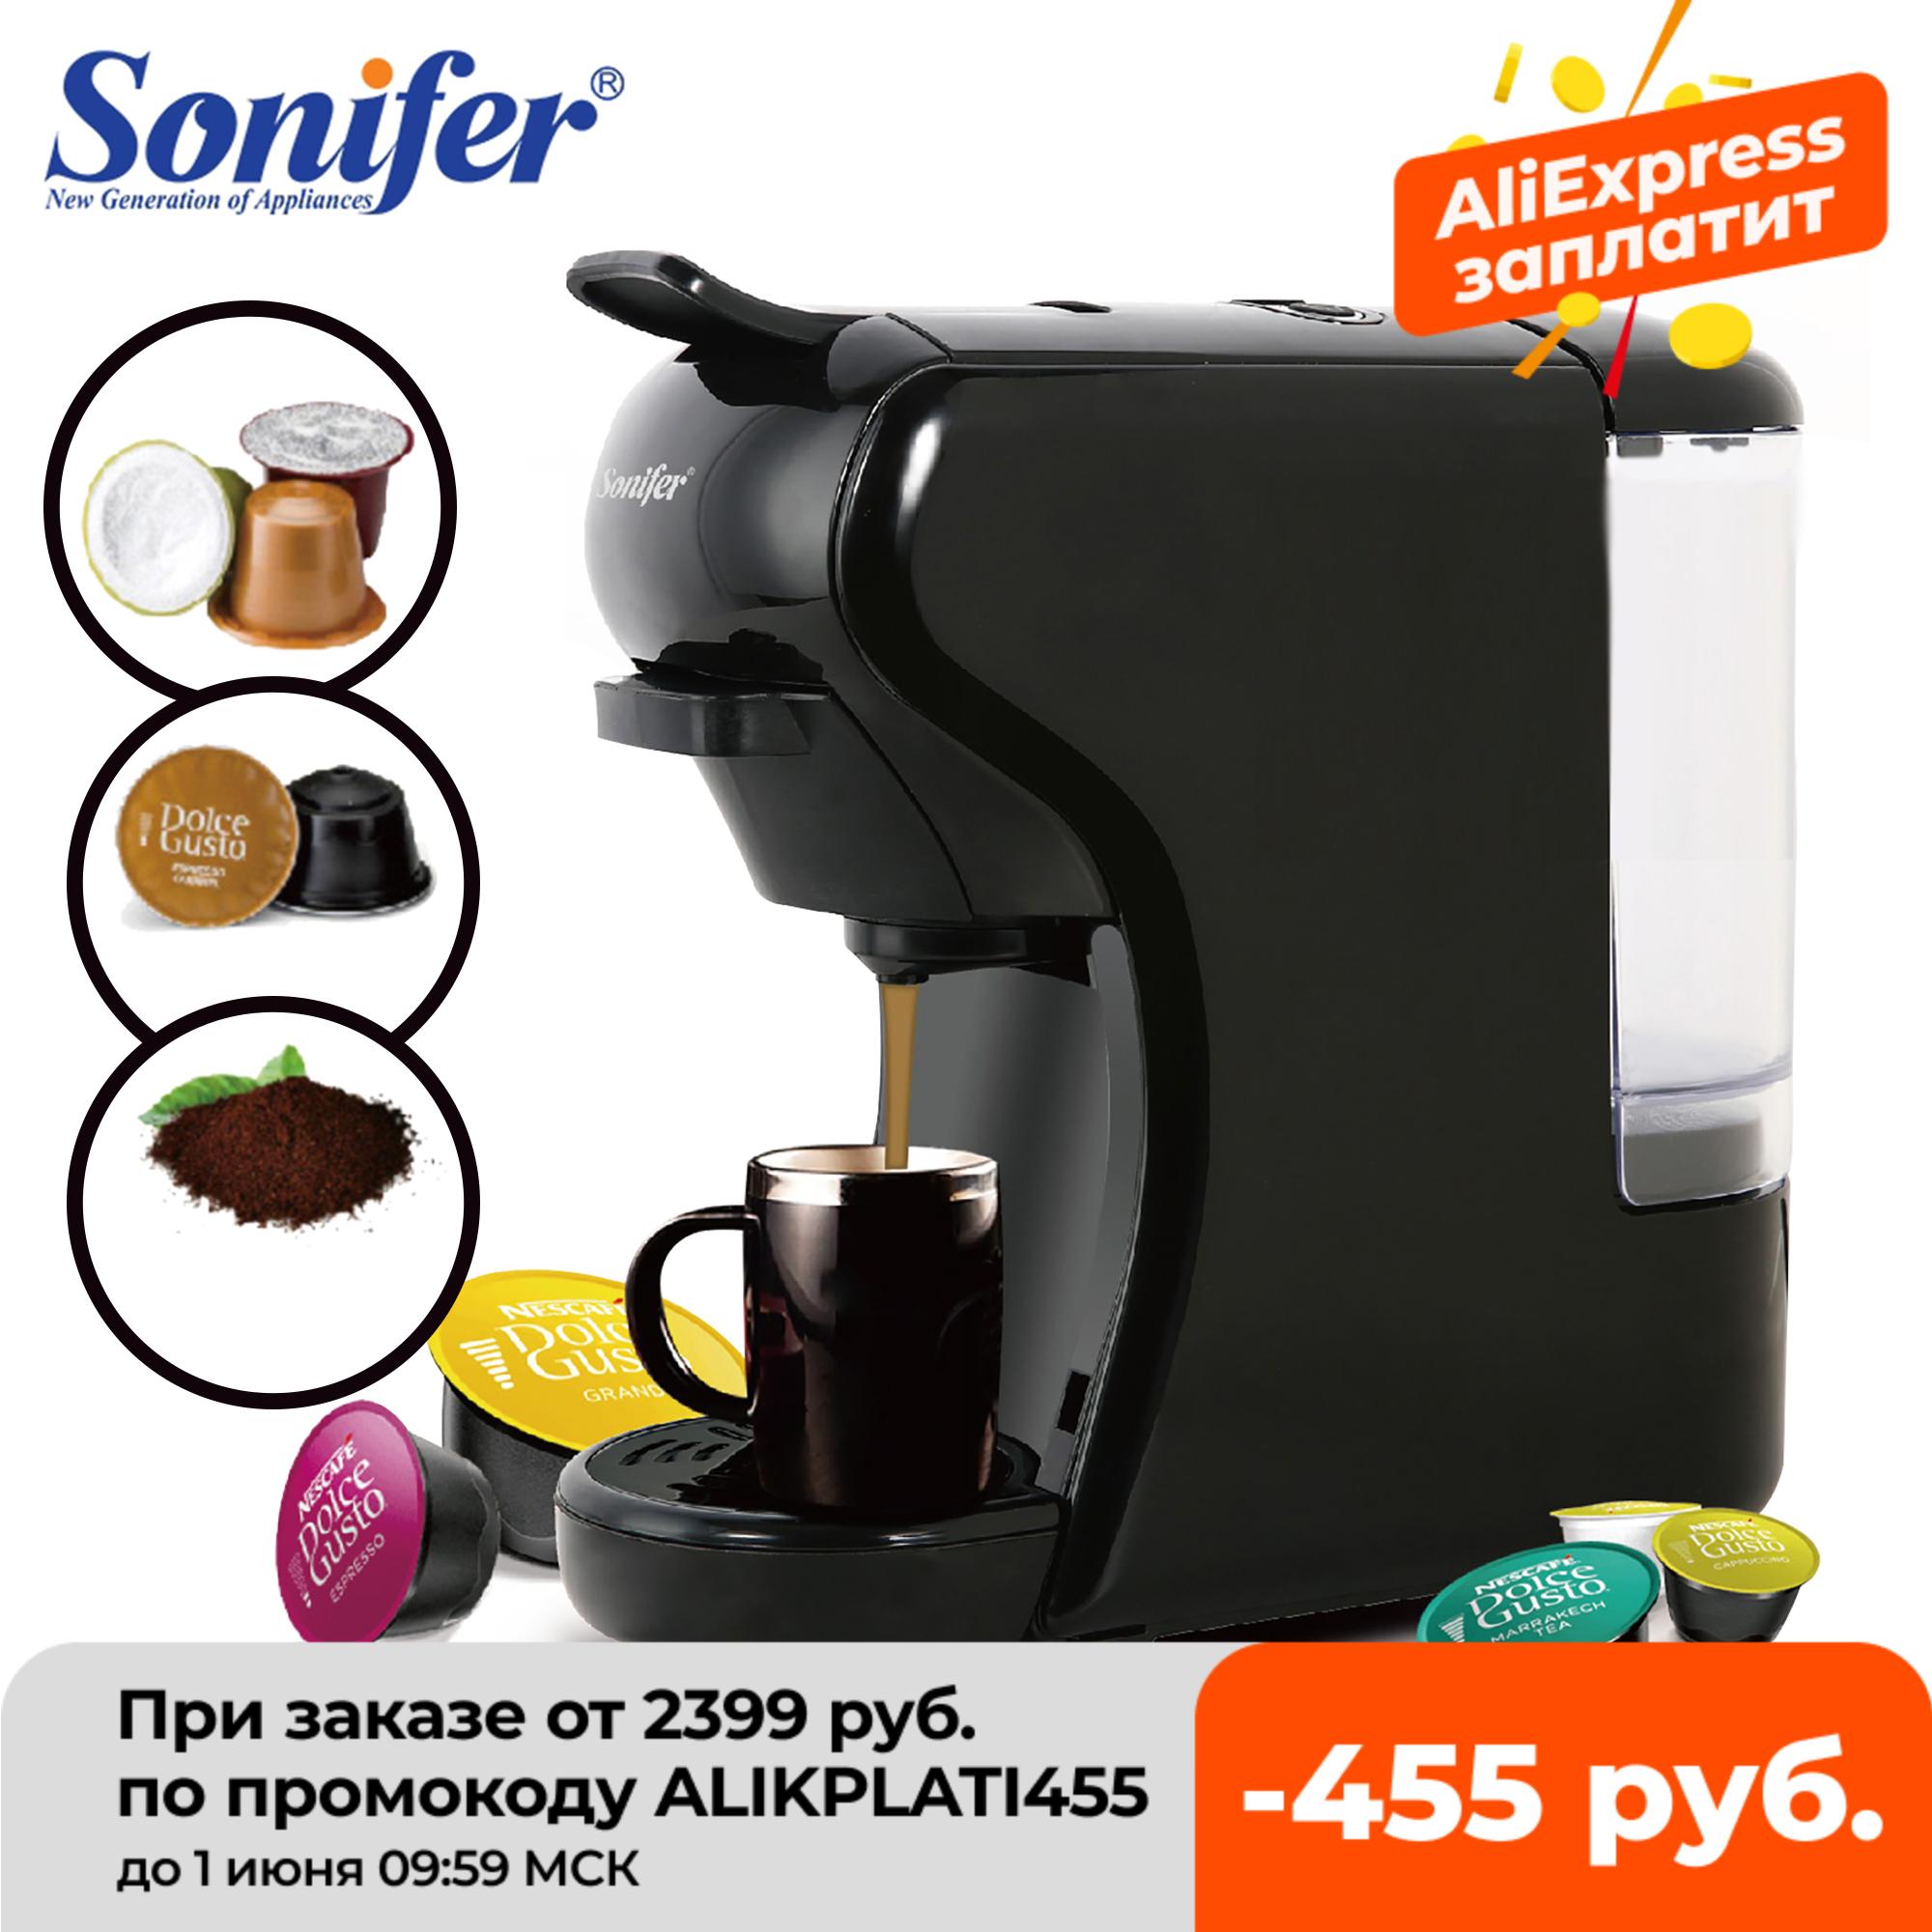 Expresso Coffee Machine Capsule Espresso Machine Coffee Maker Dolce Gusto Nespresso Powder Multi functional Capsule Gift Sonifer